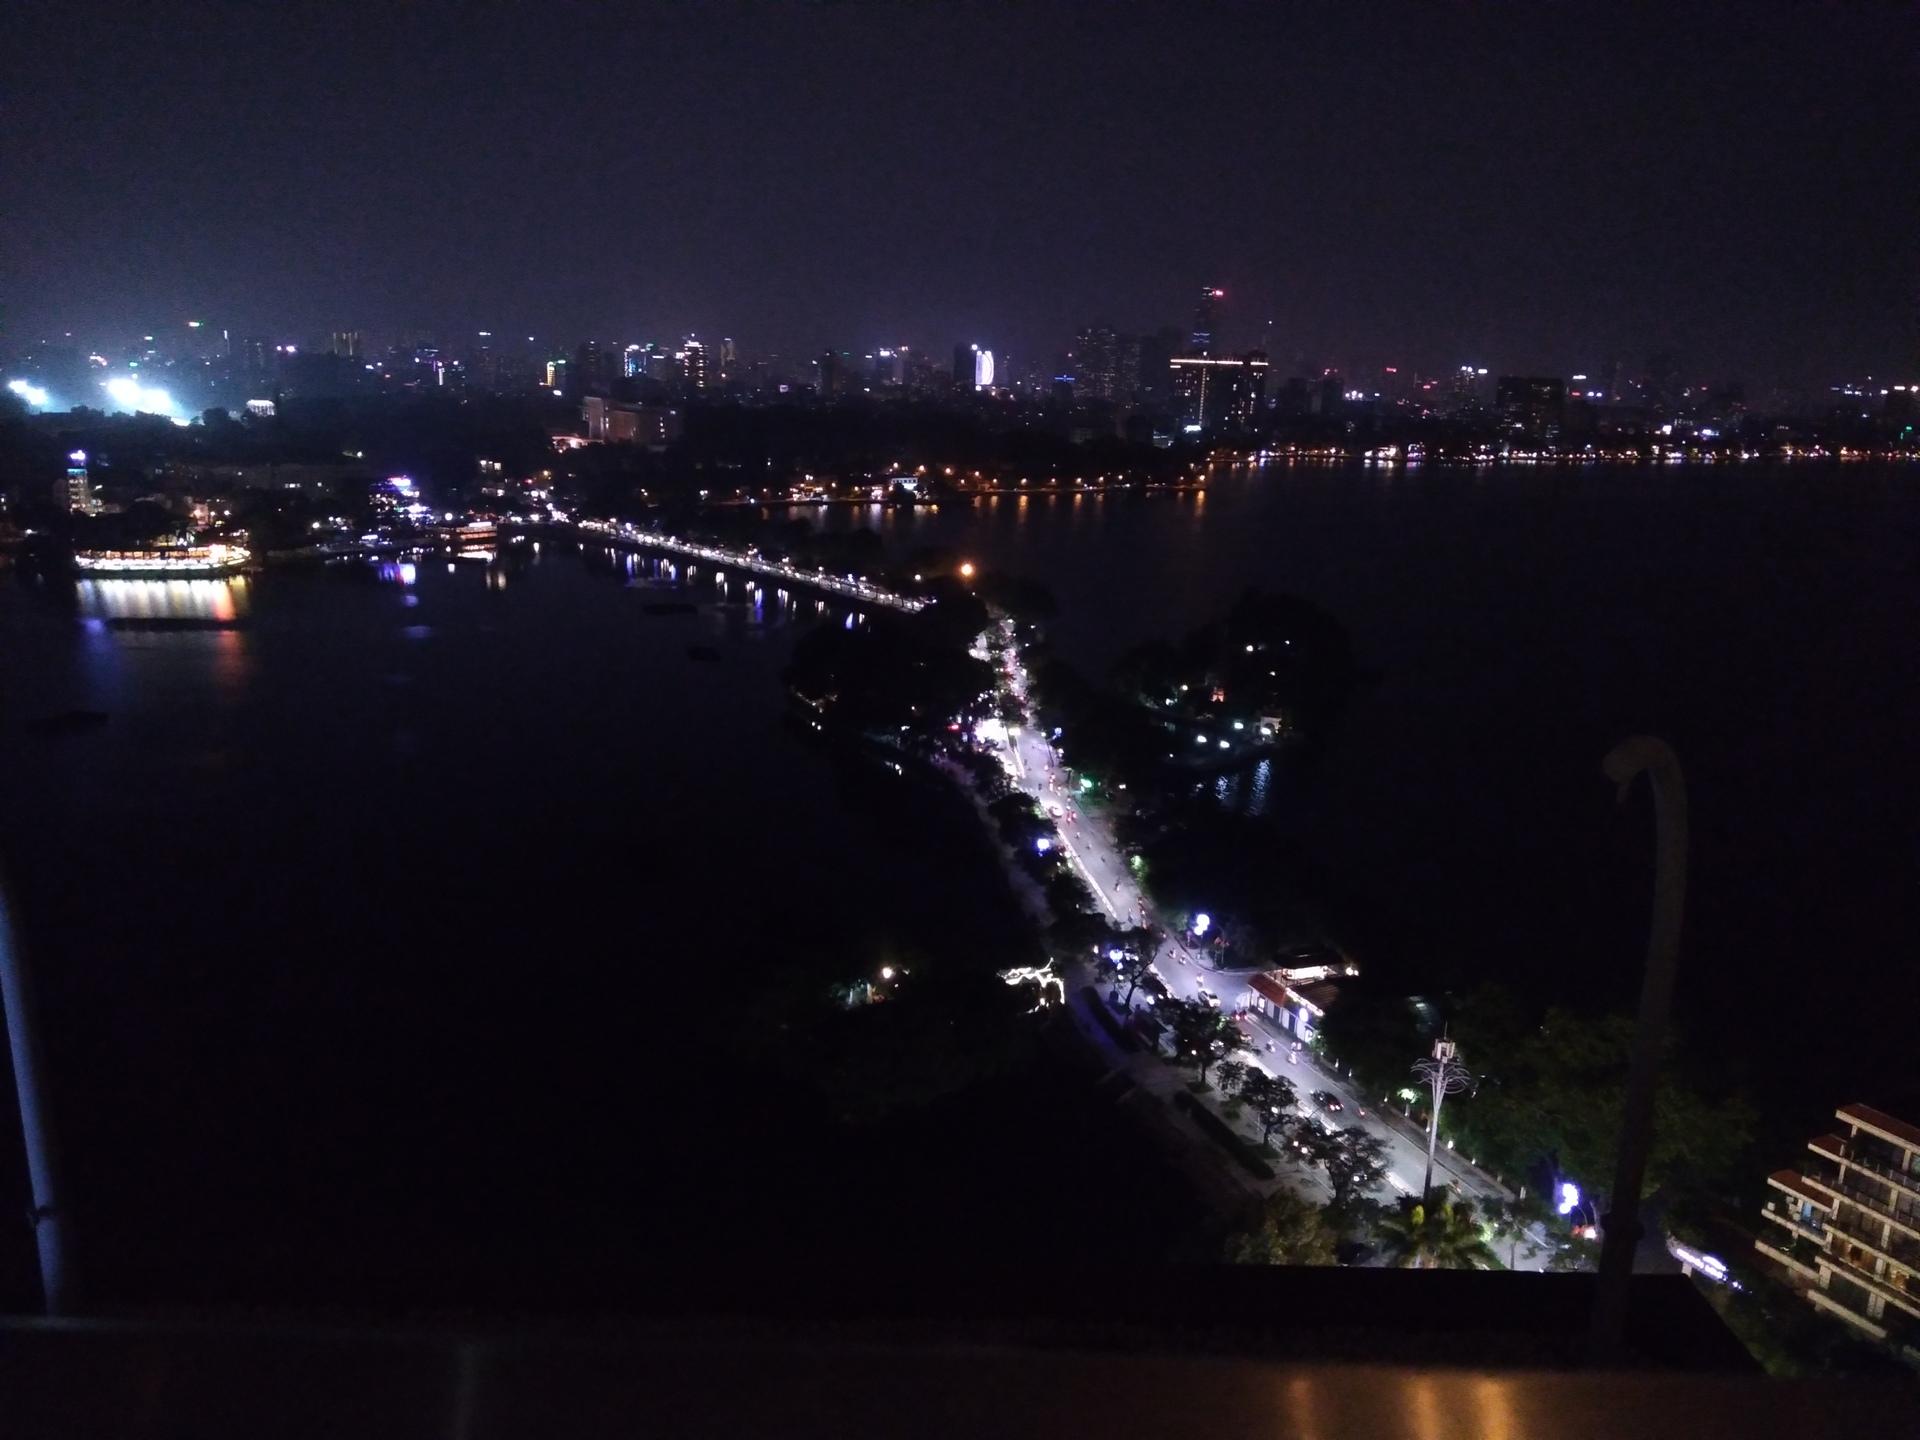 パンパシフィックホテルハノイ | ハノイ在住ハノイ700さんのおすすめ夜景スポット